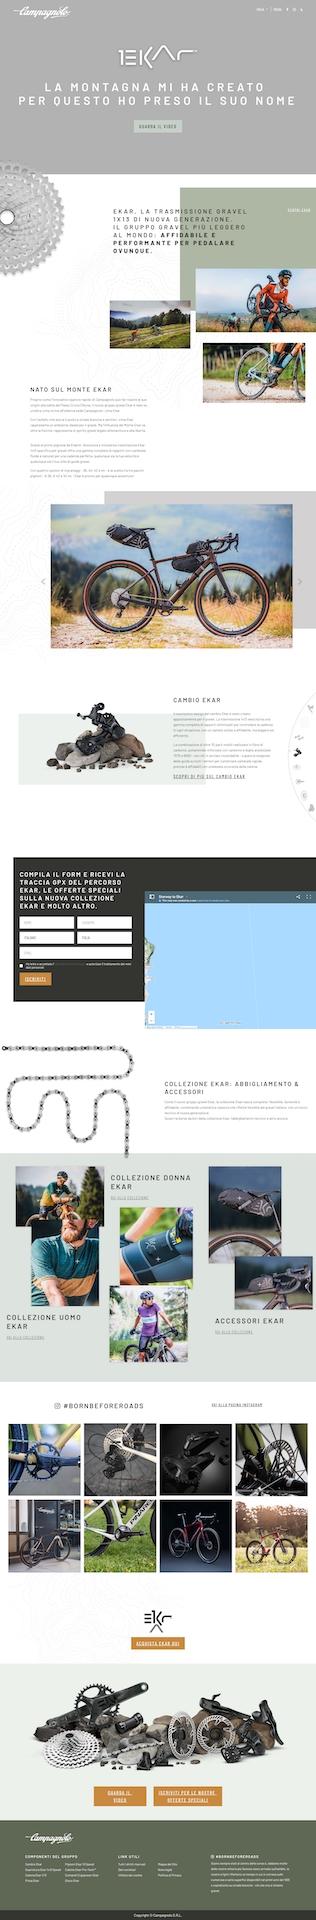 La Landing Page della campagna Born before roads per il lancio di Campagnolo Ekar